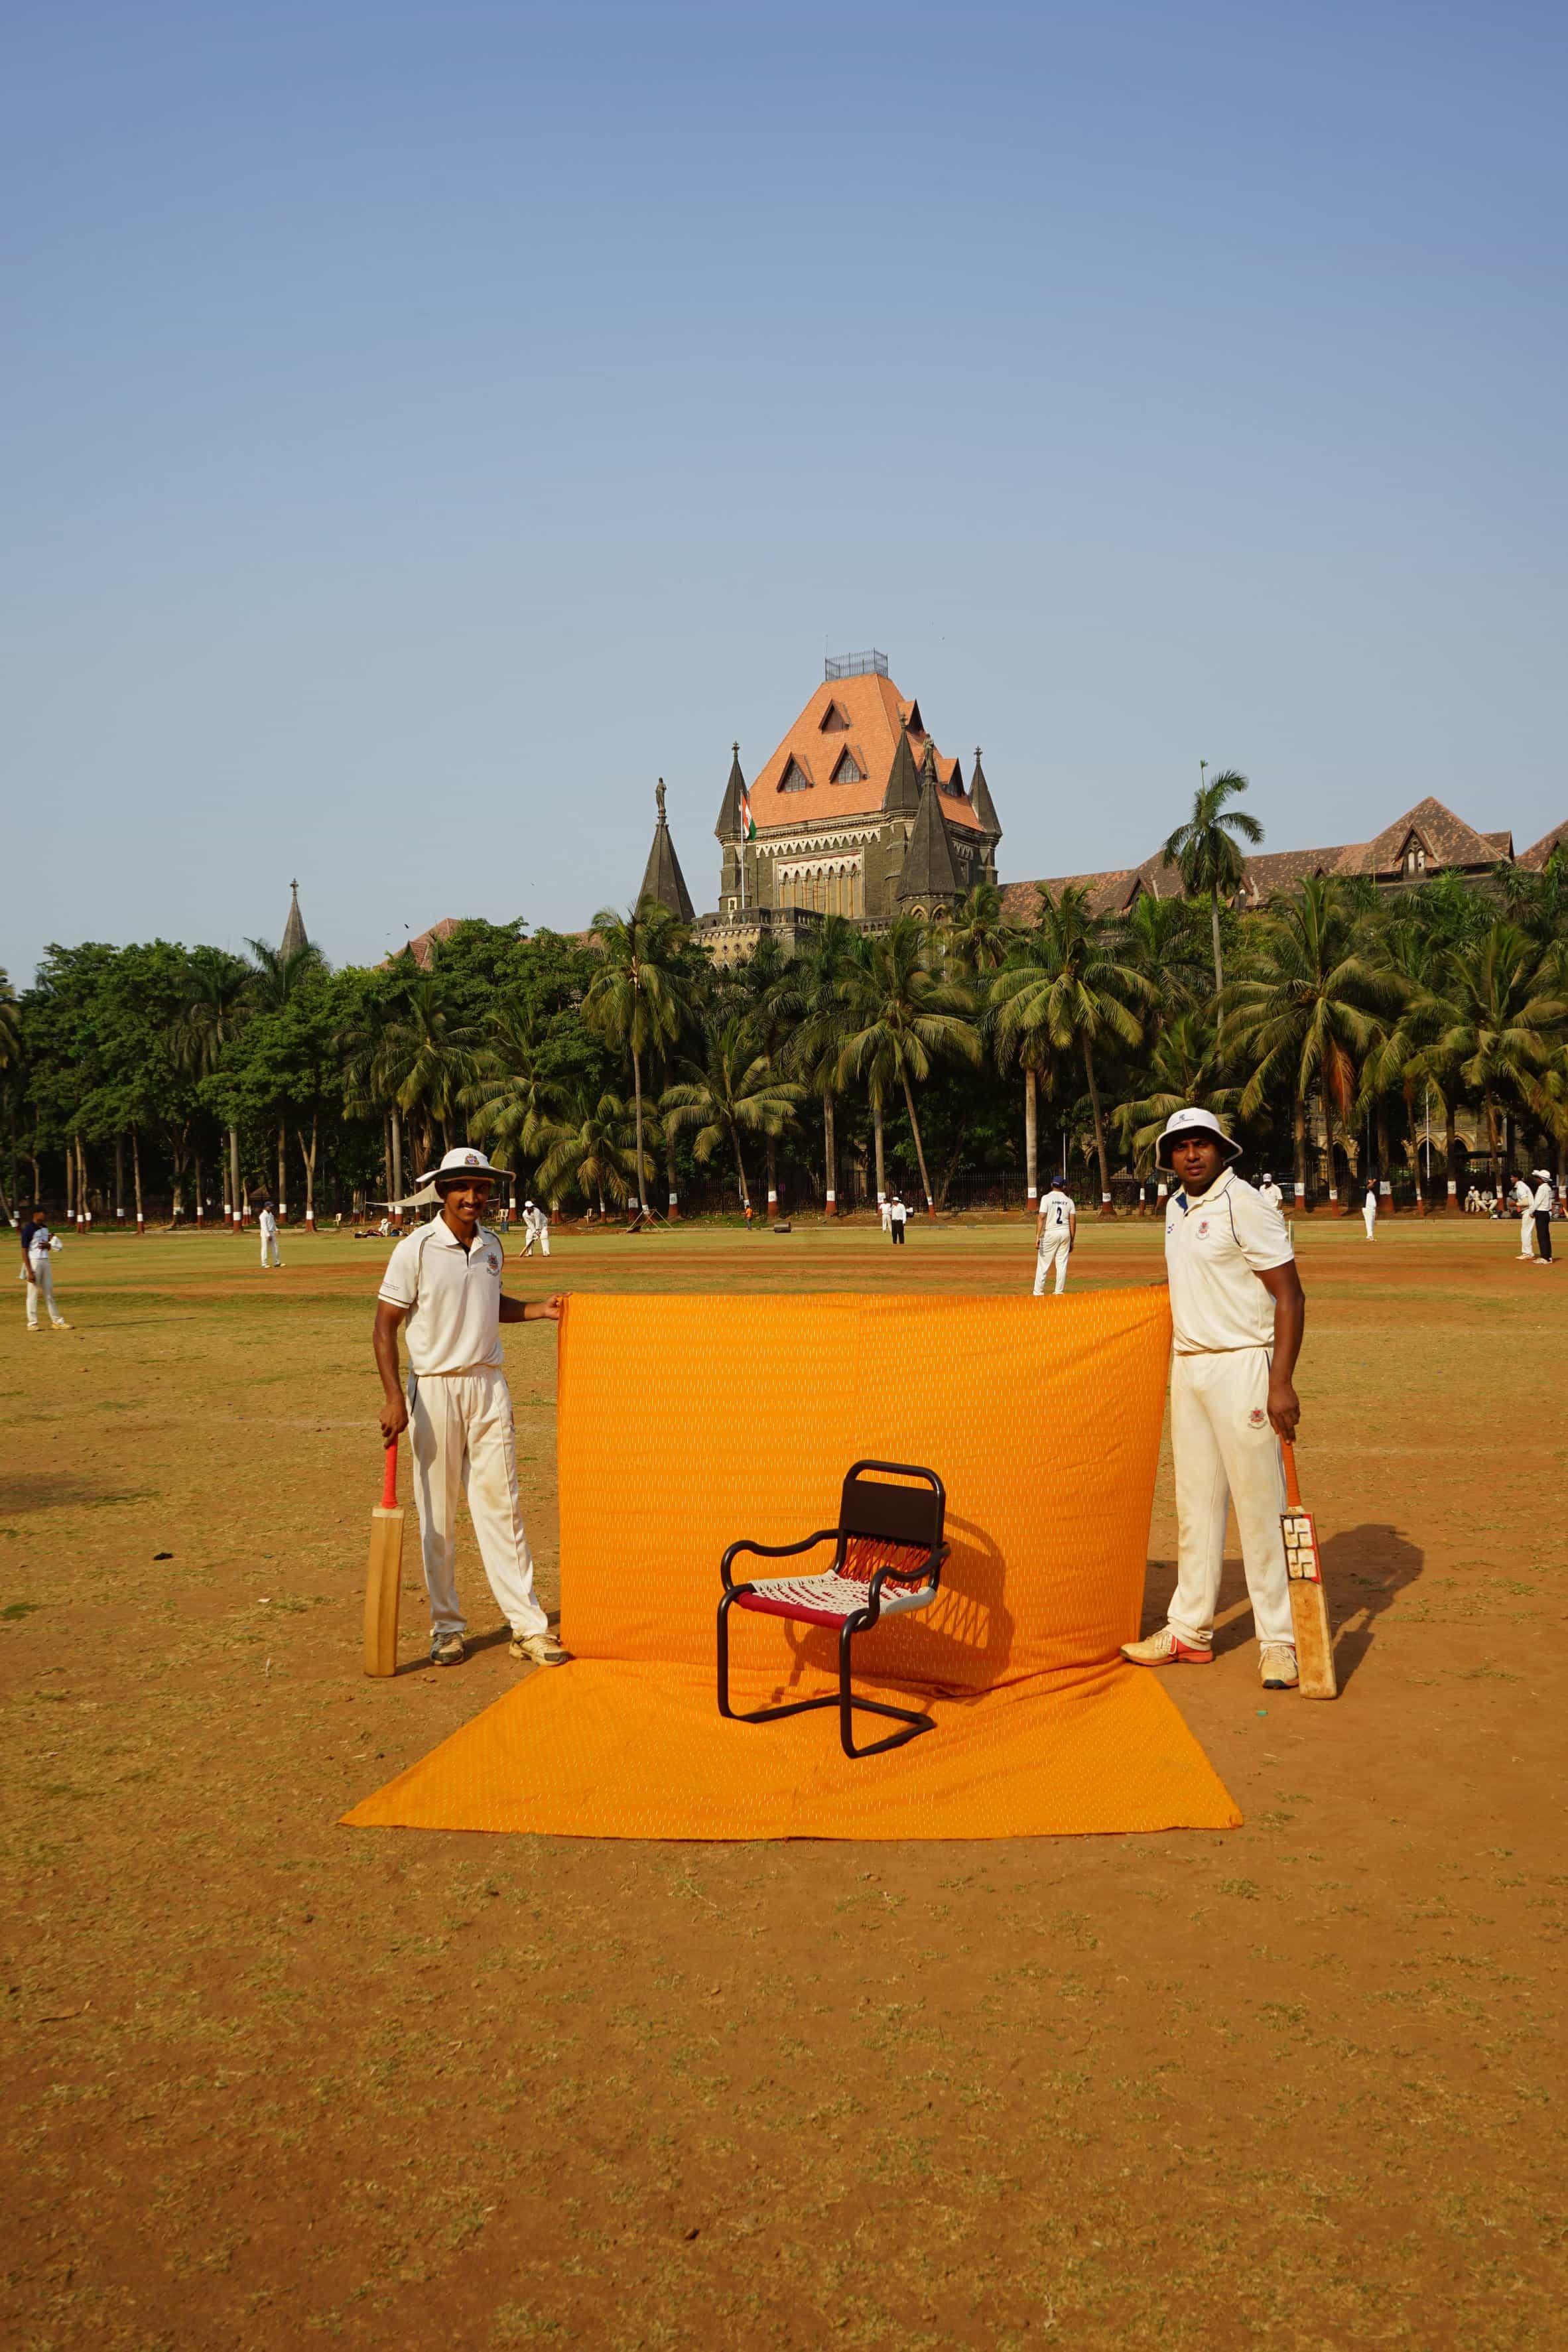 Silla fotografiada contra una sábana amarilla sostenida por dos jugadores de cricket en un campo de cricket en la India